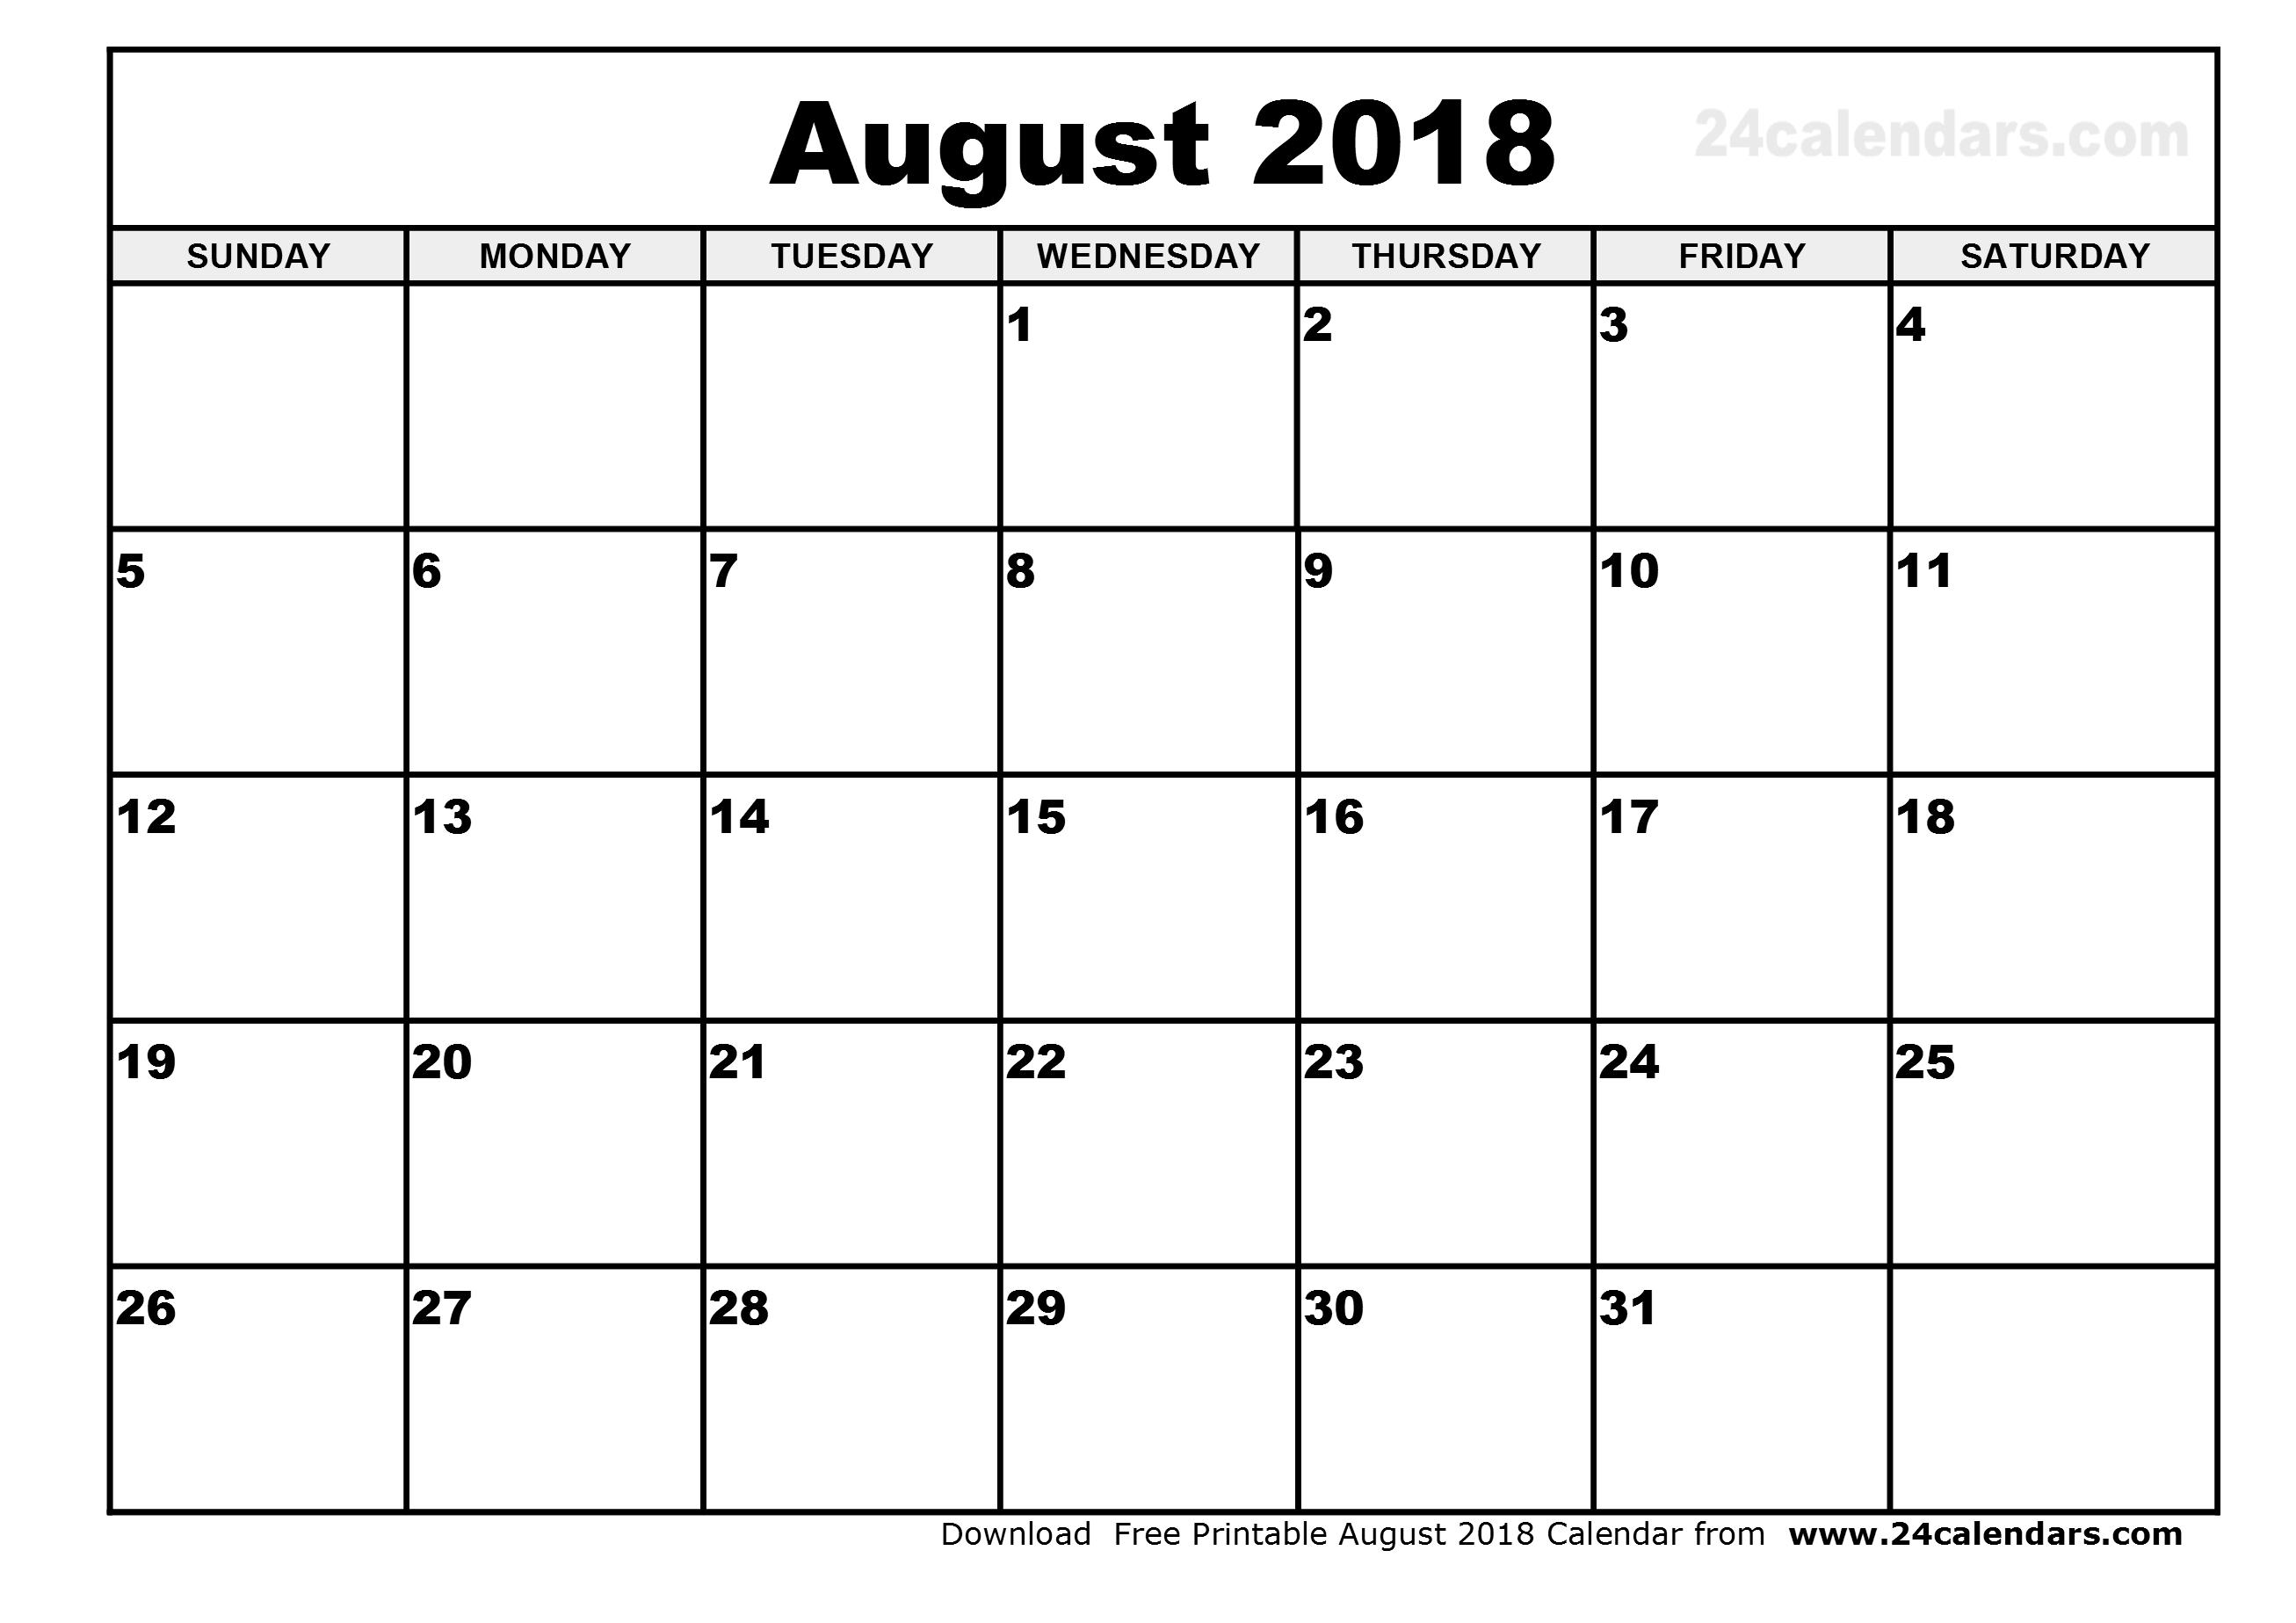 blank calendar august 2018 Targer.golden dragon.co